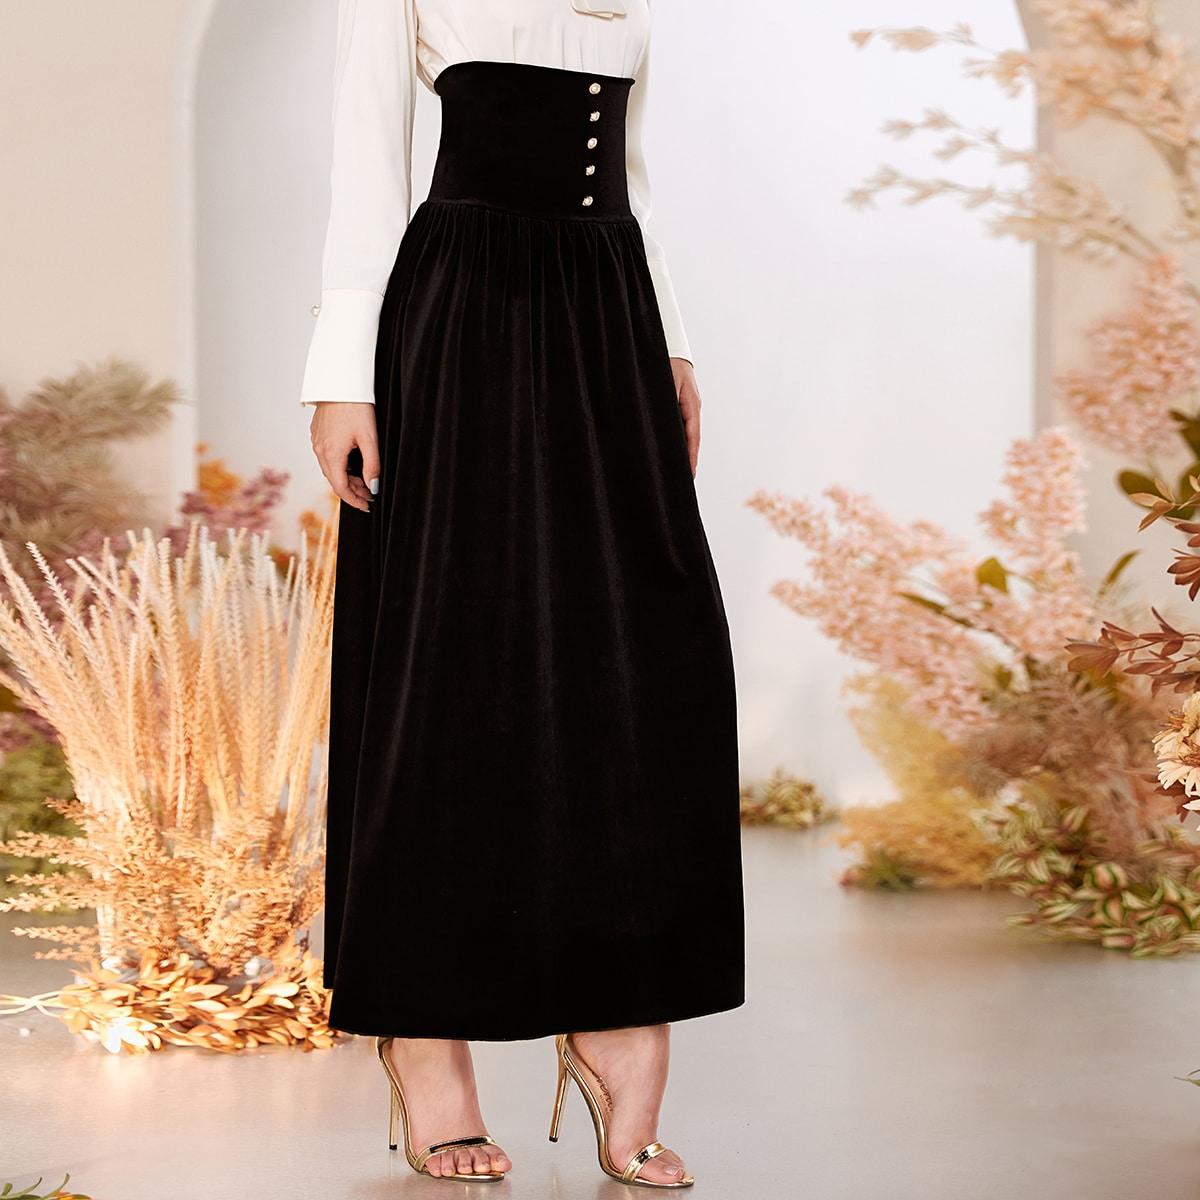 Бархатная юбка с высокой талией и пуговицами